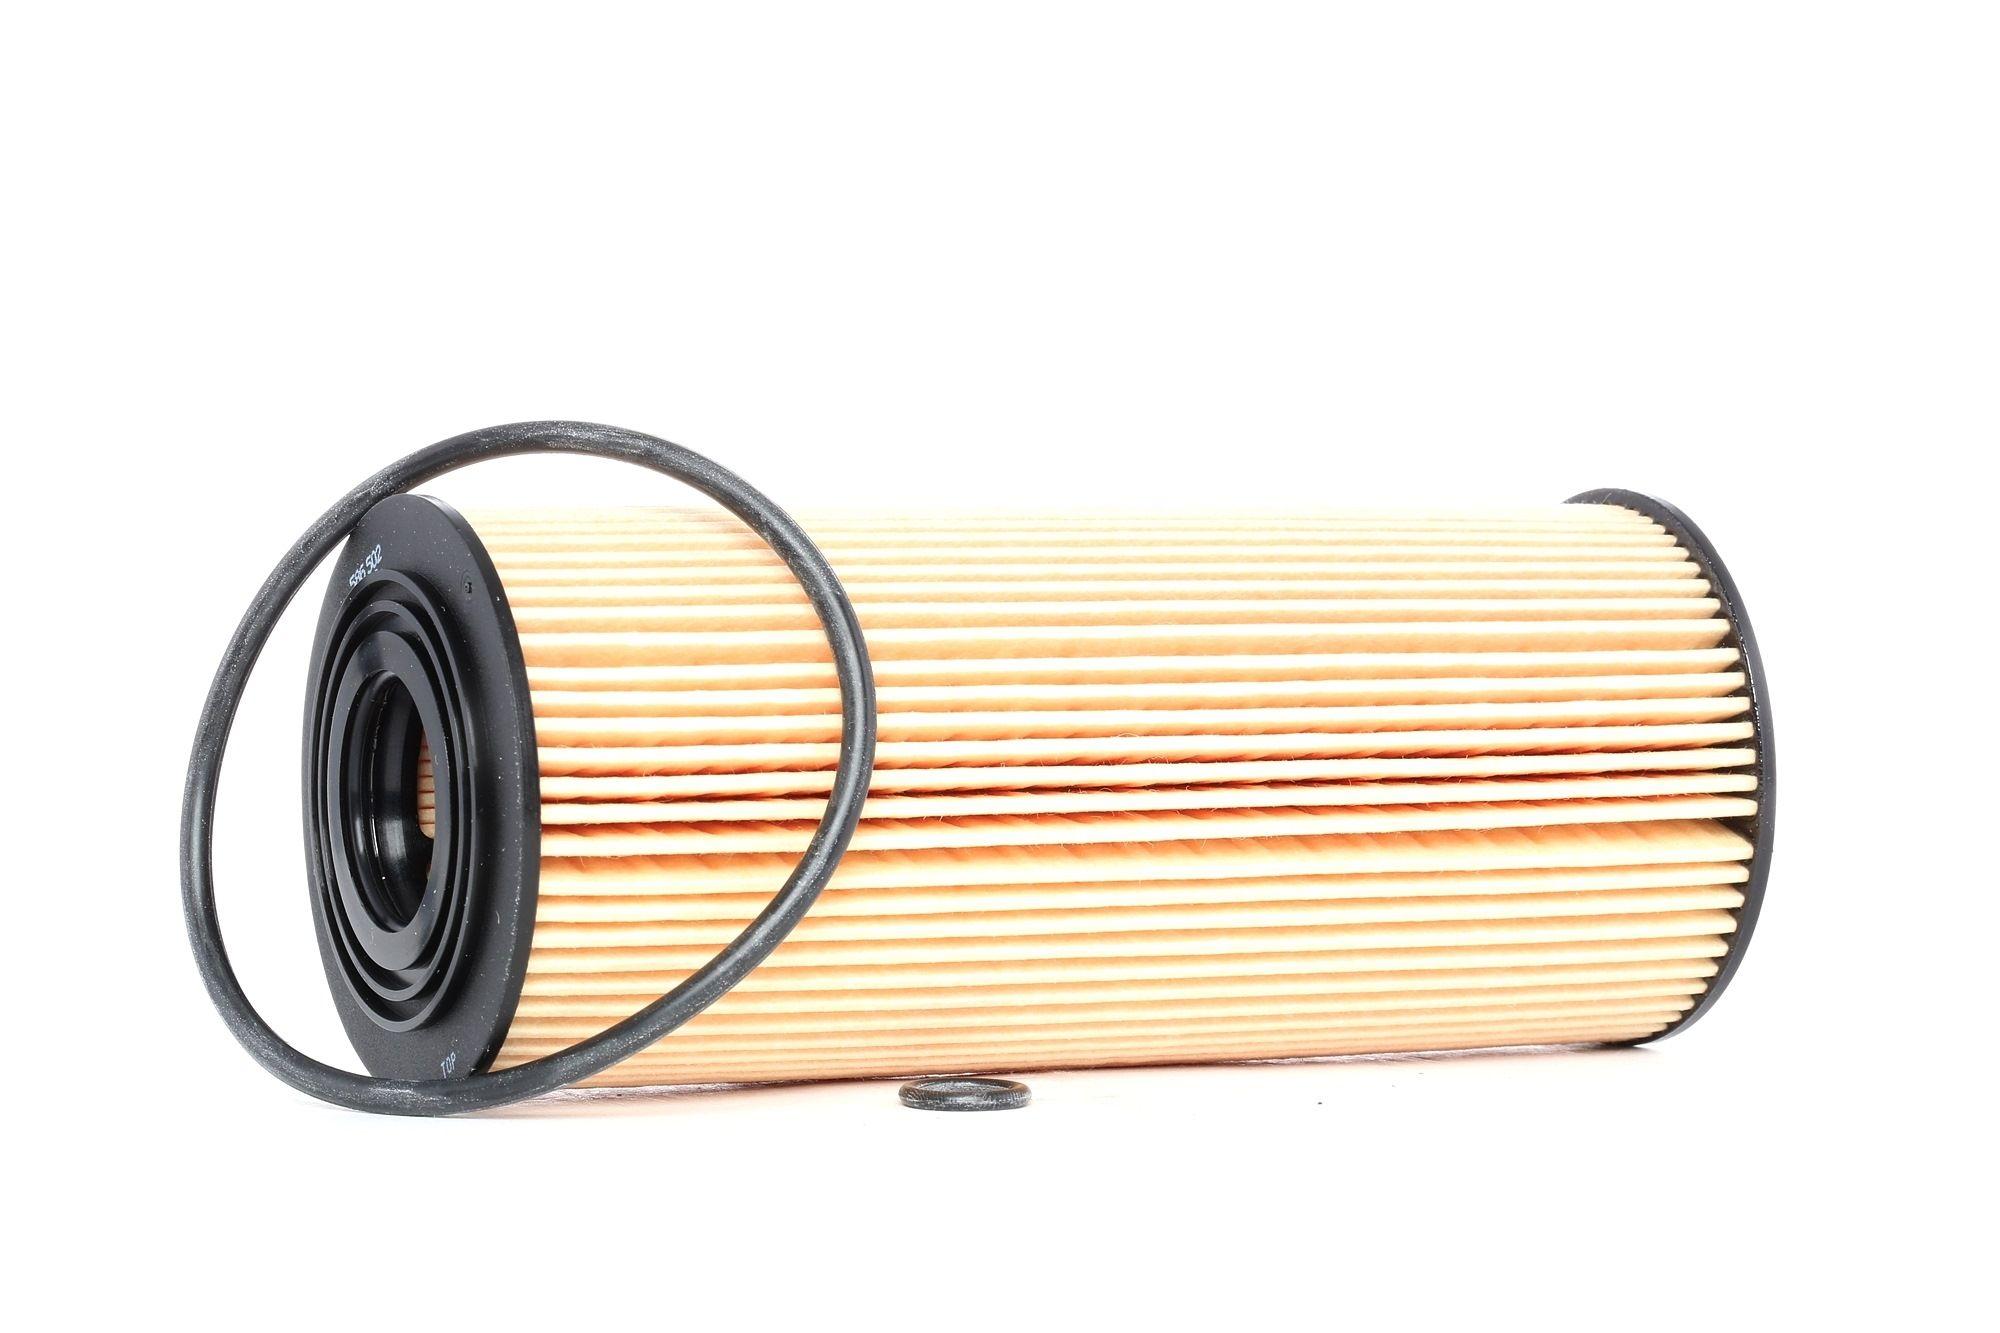 Achetez Filtre à huile VALEO 586502 (Diamètre intérieur 2: 25,5mm, Diamètre intérieur 2: 25,5mm, Ø: 64,5mm, Hauteur: 155,5mm) à un rapport qualité-prix exceptionnel